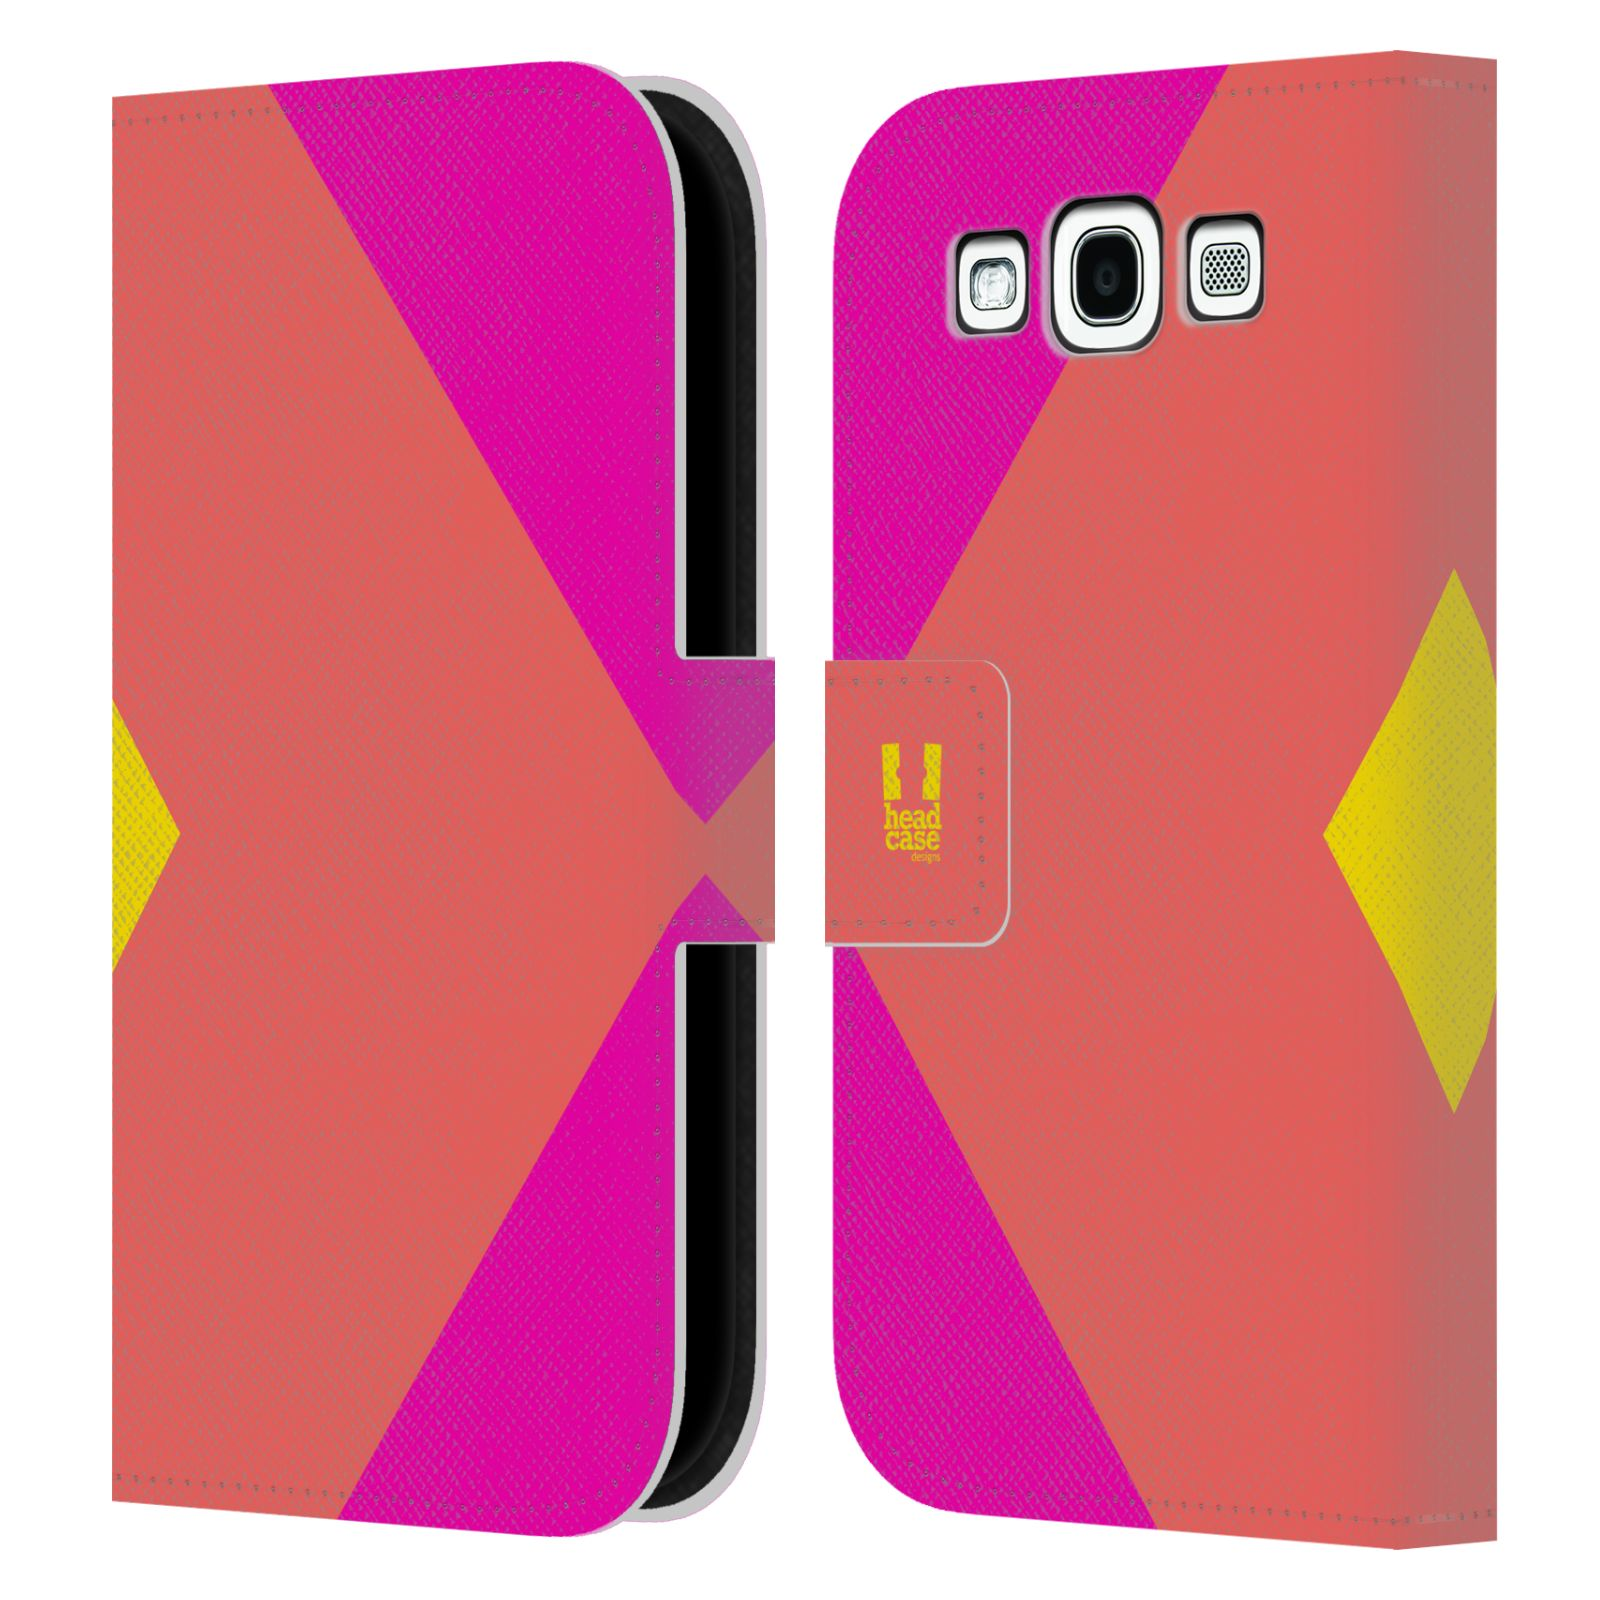 HEAD CASE Flipové pouzdro pro mobil Samsung Galaxy S3 I9300 barevné tvary růžová korál